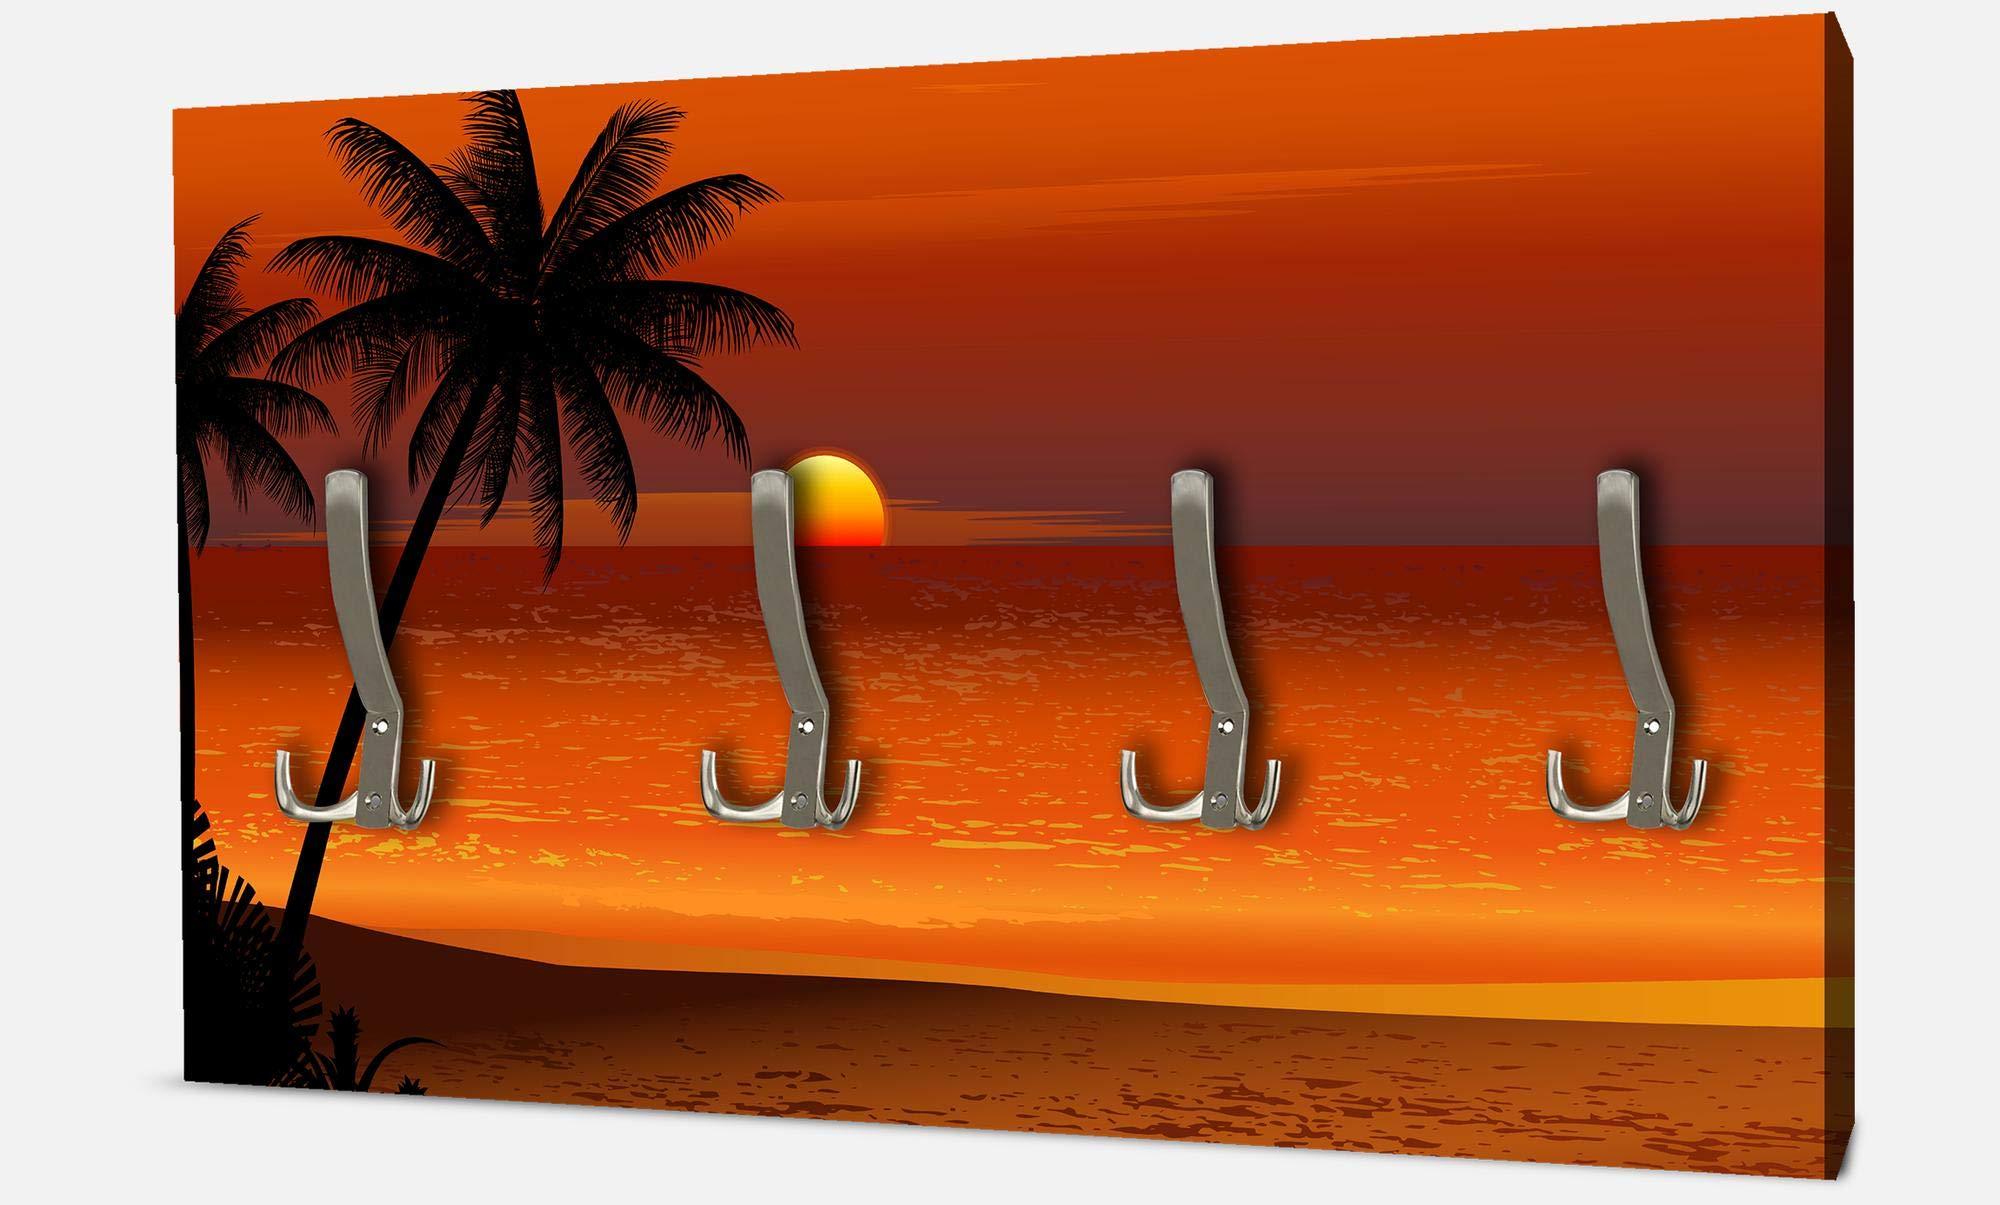 MARE E TRAMONTI L12 ogni pannello ha sul retro 2 ganci per poterlo appendere Dimensioni cm Appendiabito attaccapanni moderno su pannelli 60 x 90 Dimensione dei pannelli cm.30x50-30x50-30x50